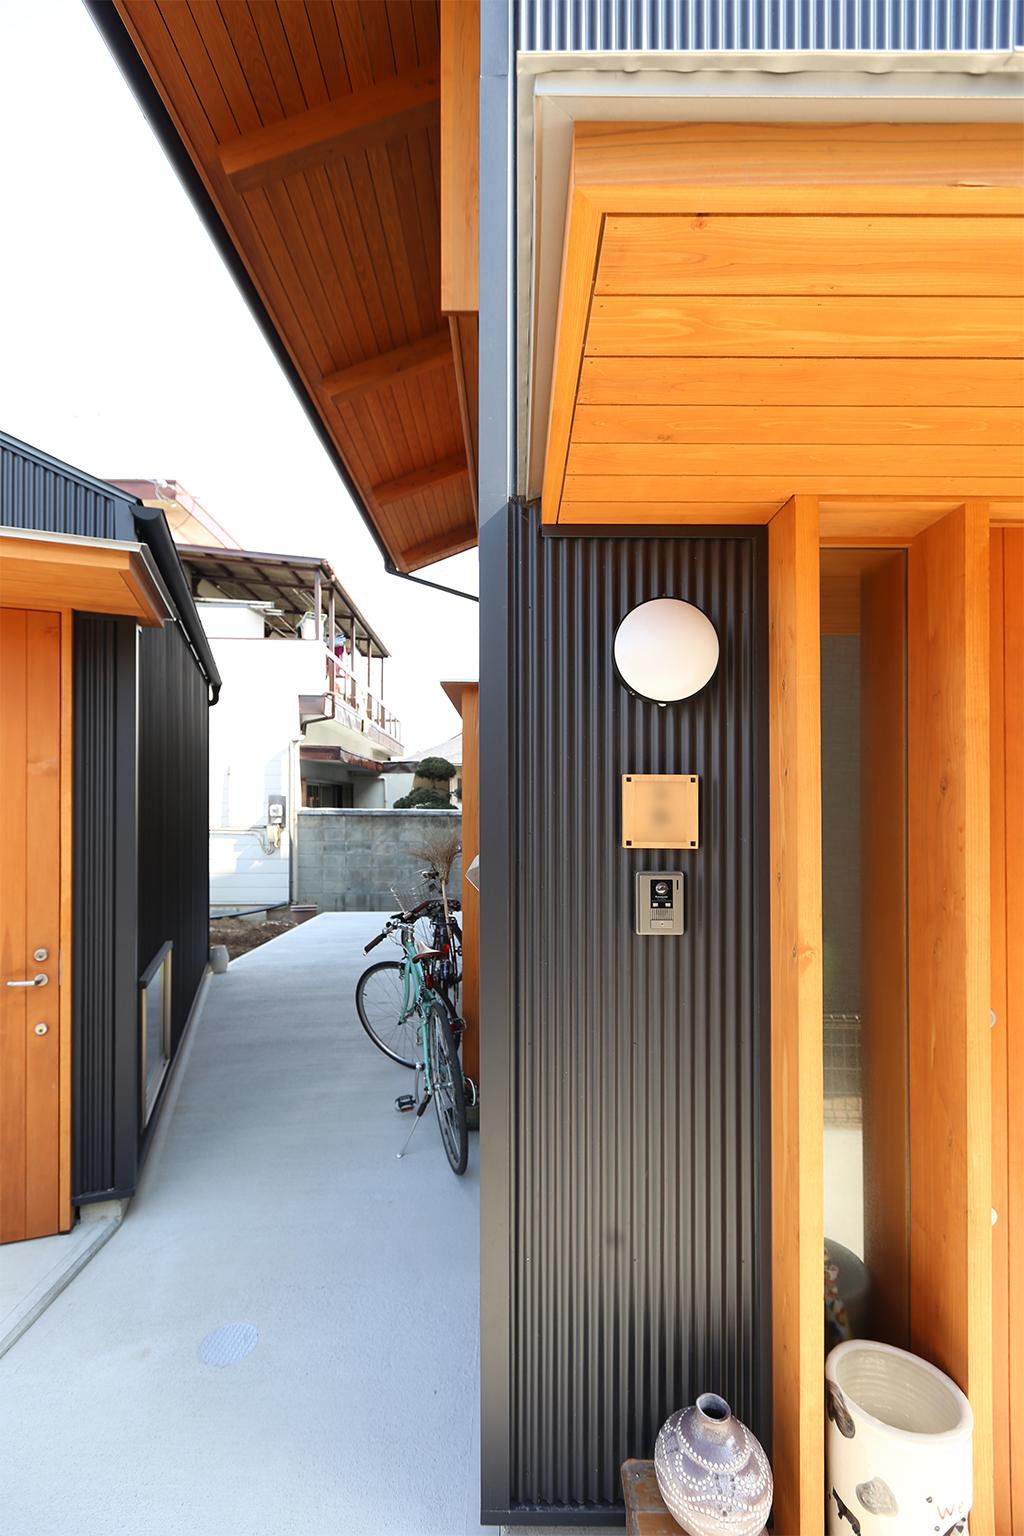 高砂市の木の家 サロンと小屋との間の路地